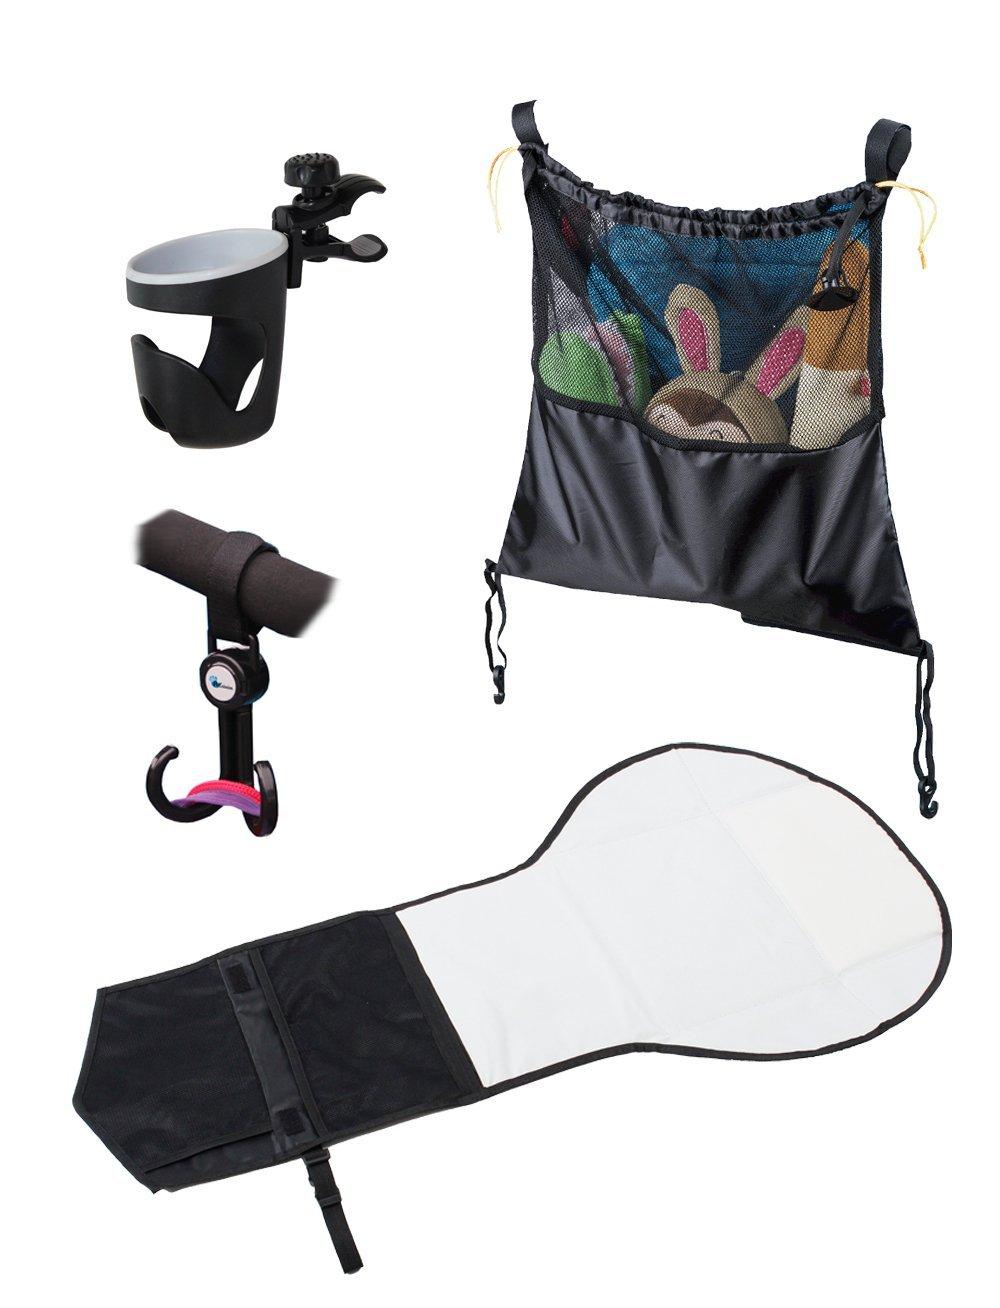 Набор аксессуаров для прогулок с коляской: сетчатая сумка, держатель для бутылочек, крючок, набор для смены подгузниковАксессуары к коляскам<br>Набор аксессуаров для прогулок с коляской: сетчатая сумка, держатель для бутылочек, крючок, набор для смены подгузников<br>